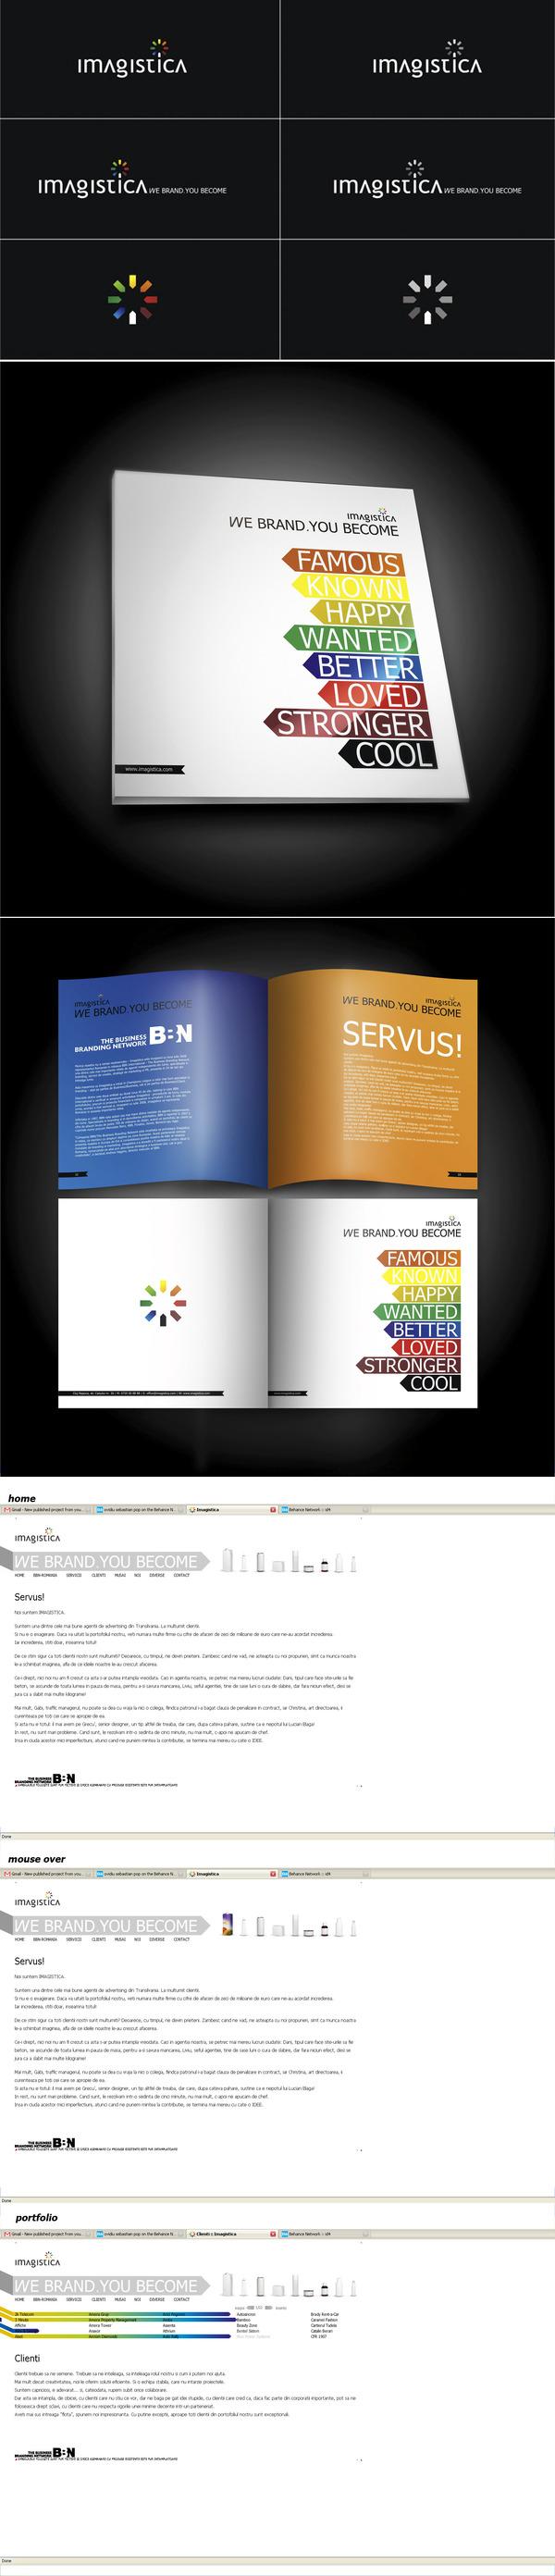 罗马尼亚平面设计 罗马尼亚设计 国外设计 平面设计